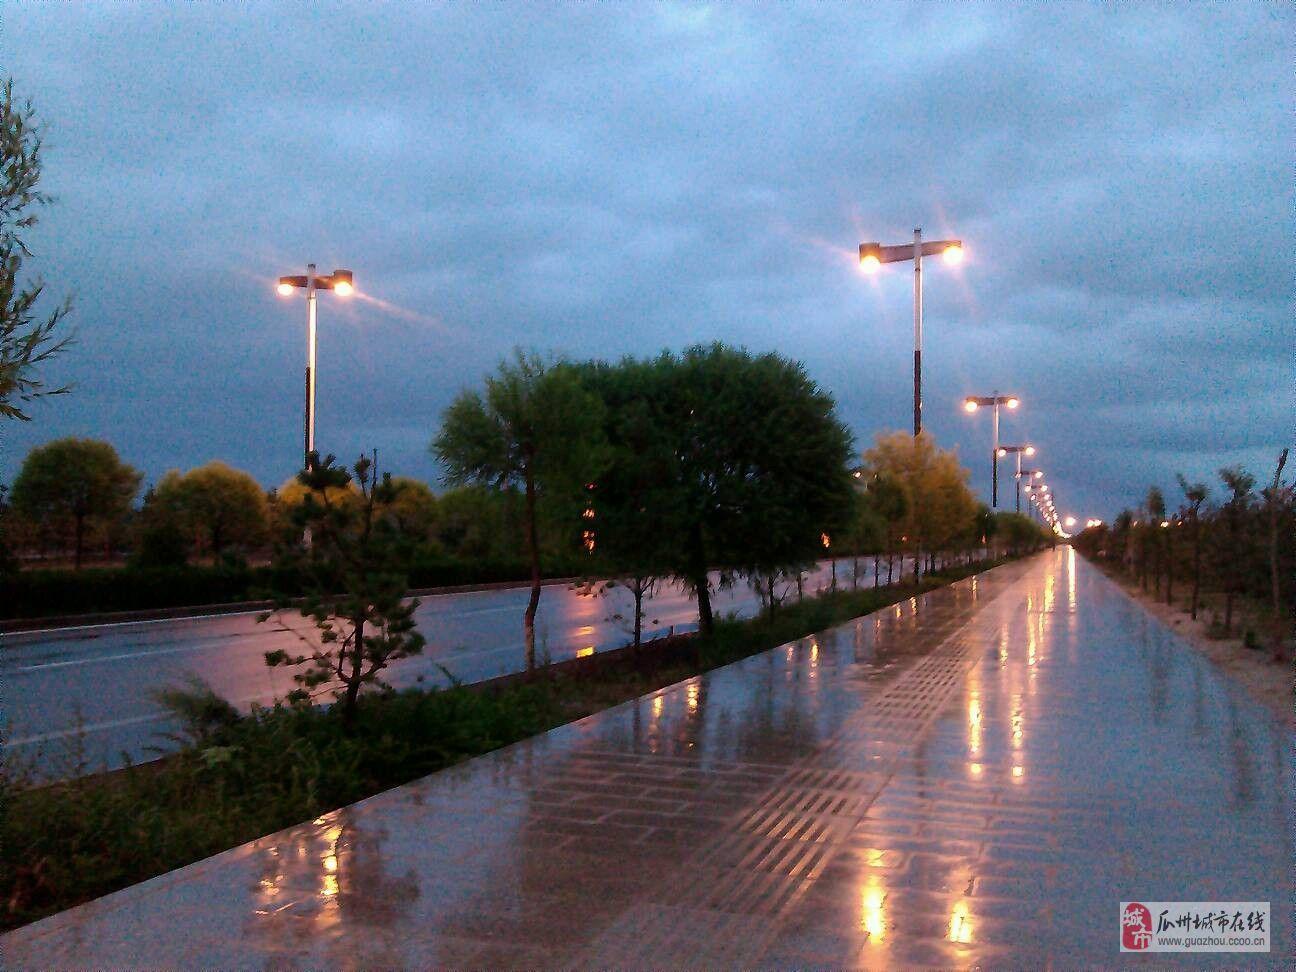 雨后的瓜州出去转一转真是神清气爽啊